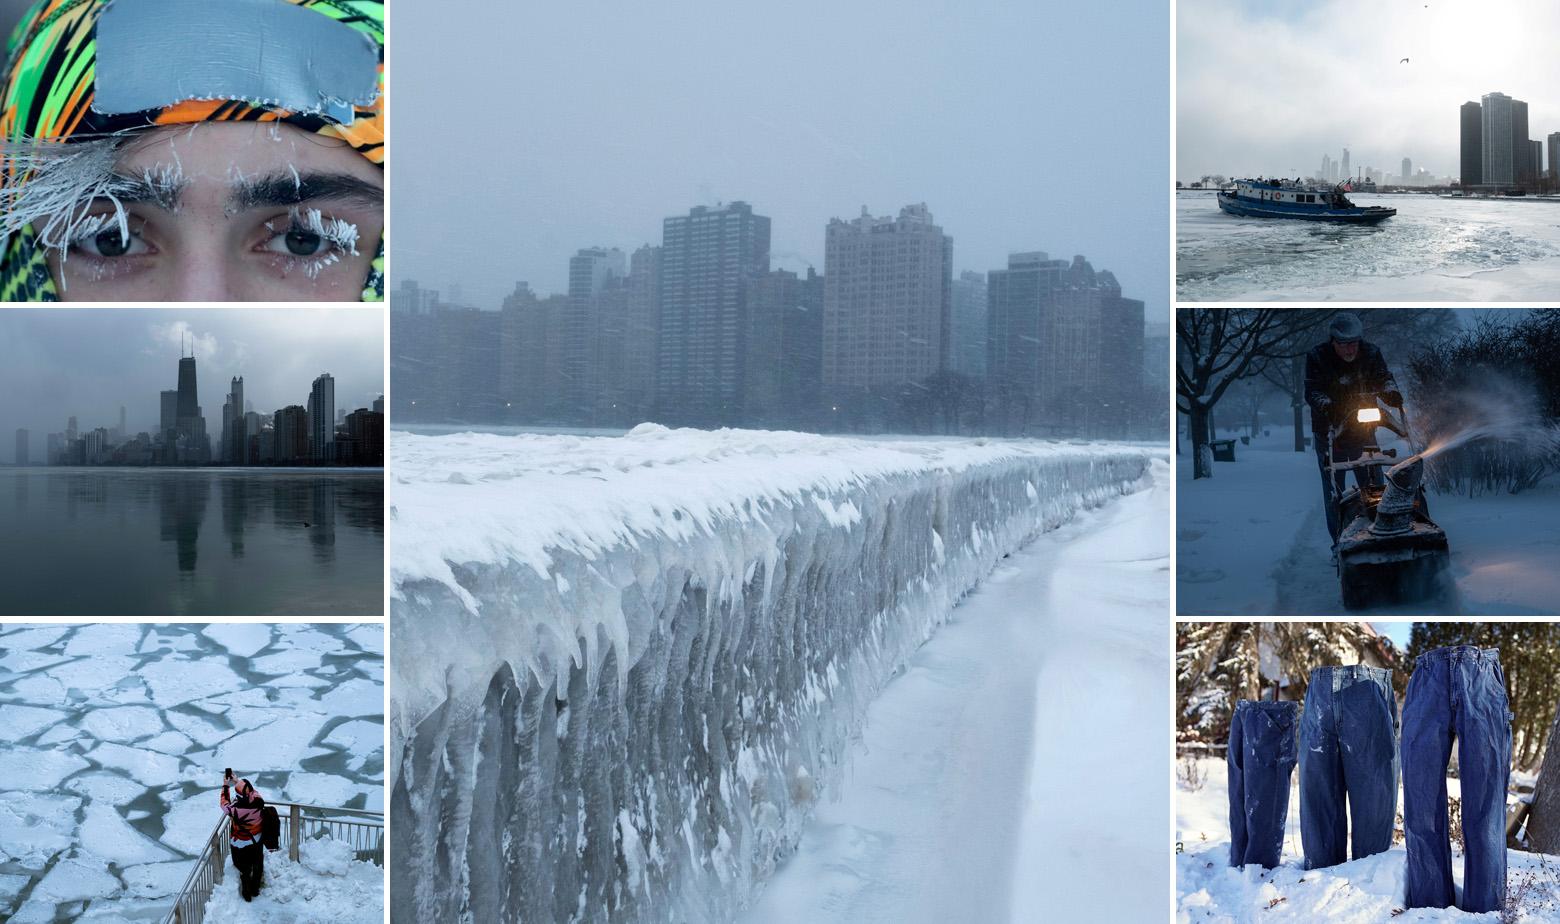 Hladnoća je okovala Chicago i velike dijelove SAD-a